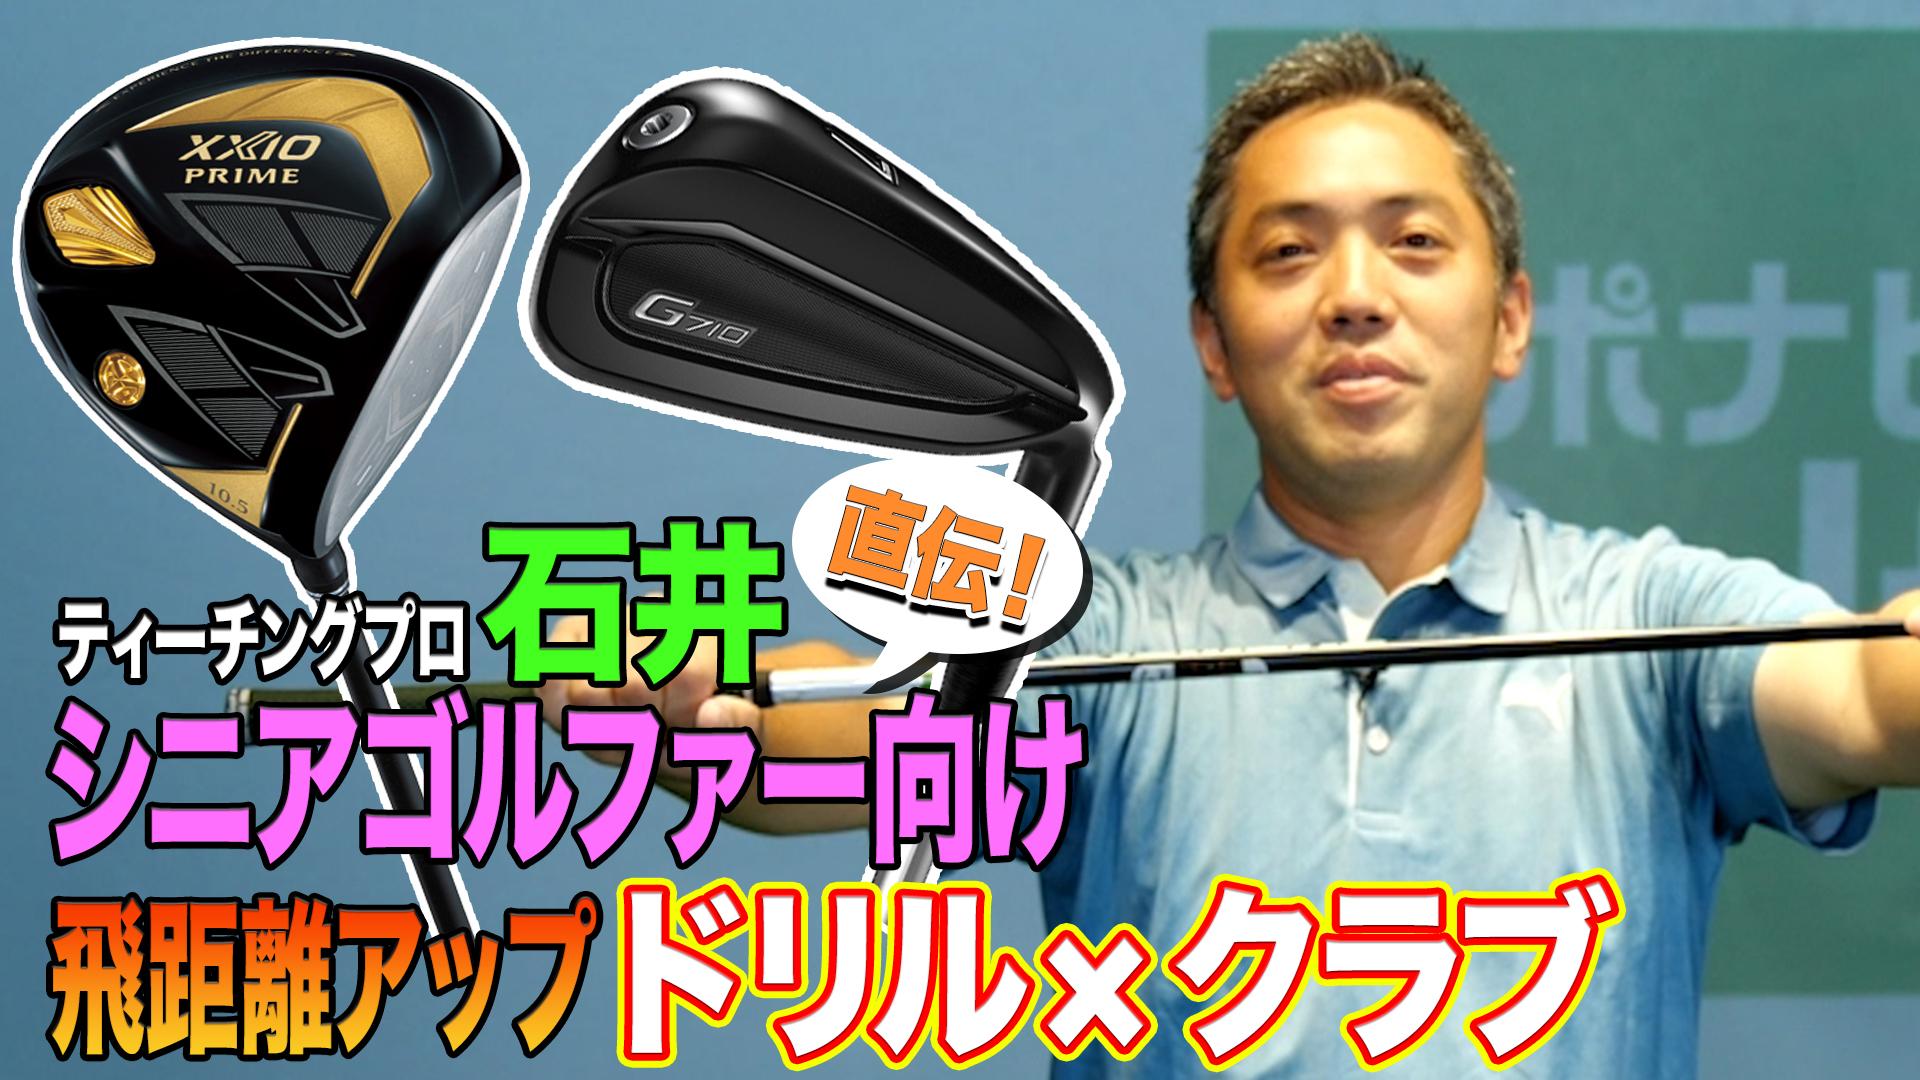 【ドリル×ギア】シニアゴルファー向け飛距離アップストレッチ